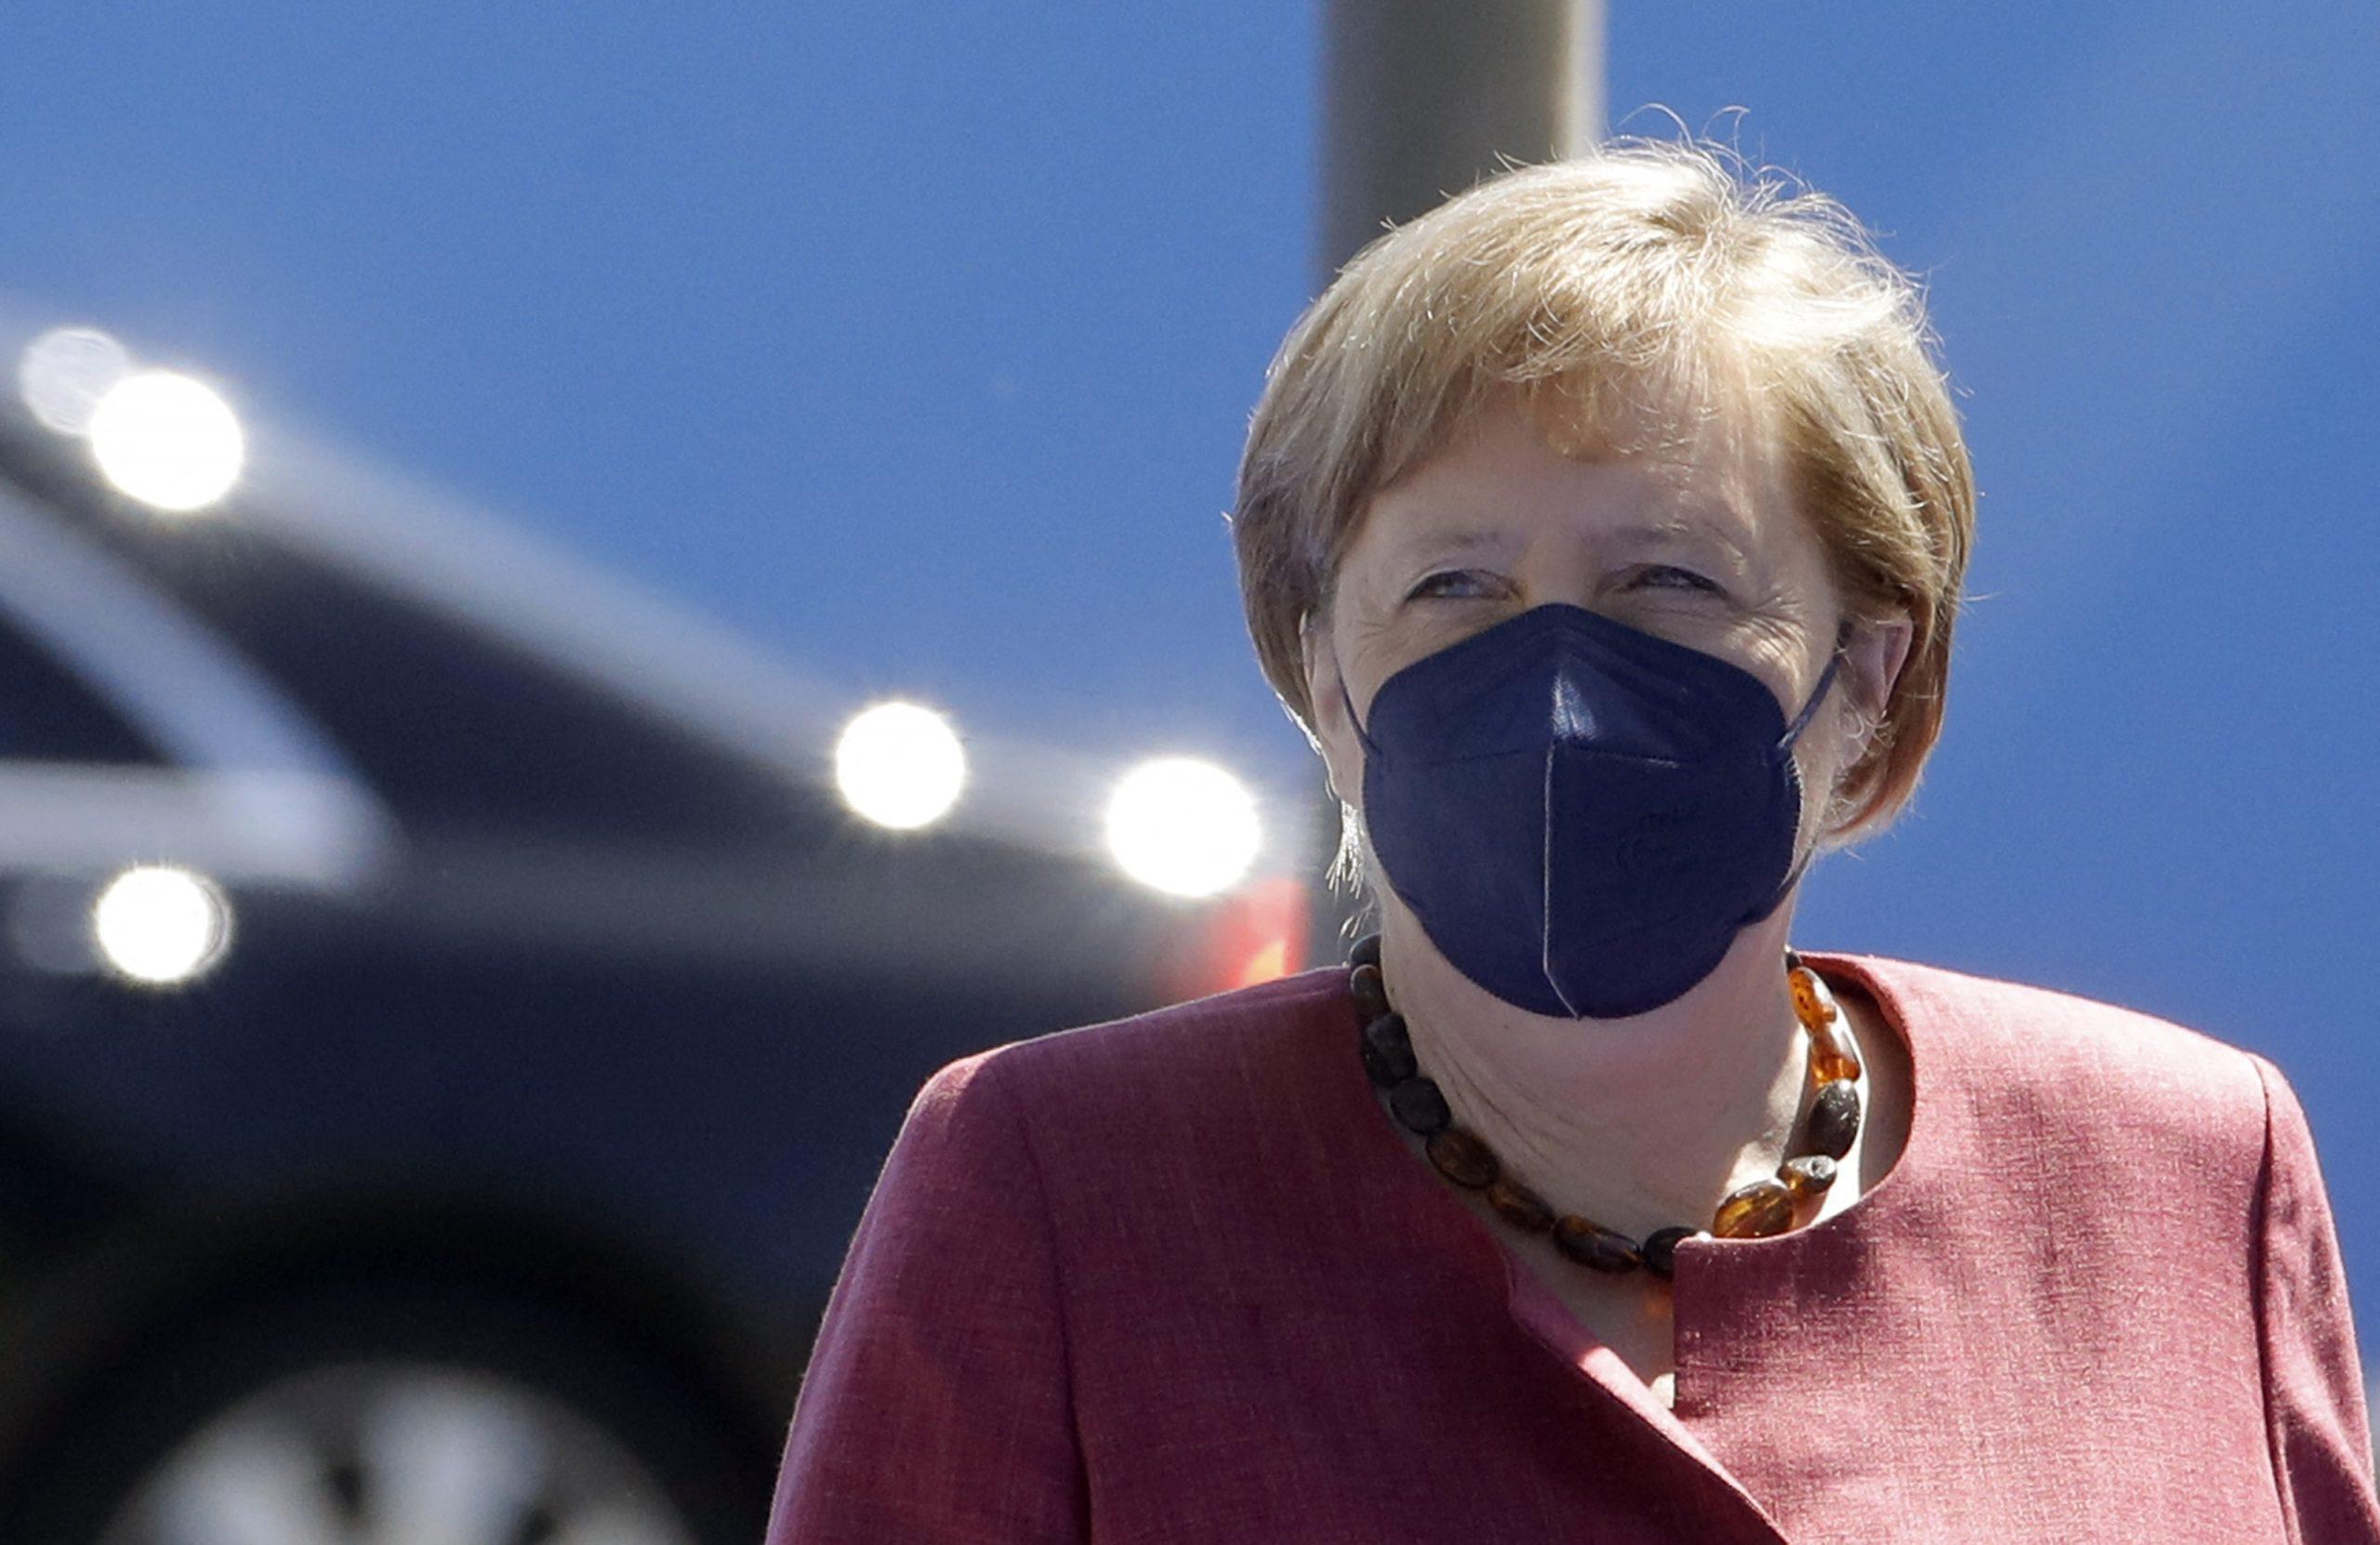 Bundeswehr startet Kabul-Luftbrücke – Merkel will 10.000 Menschen ausfliegen